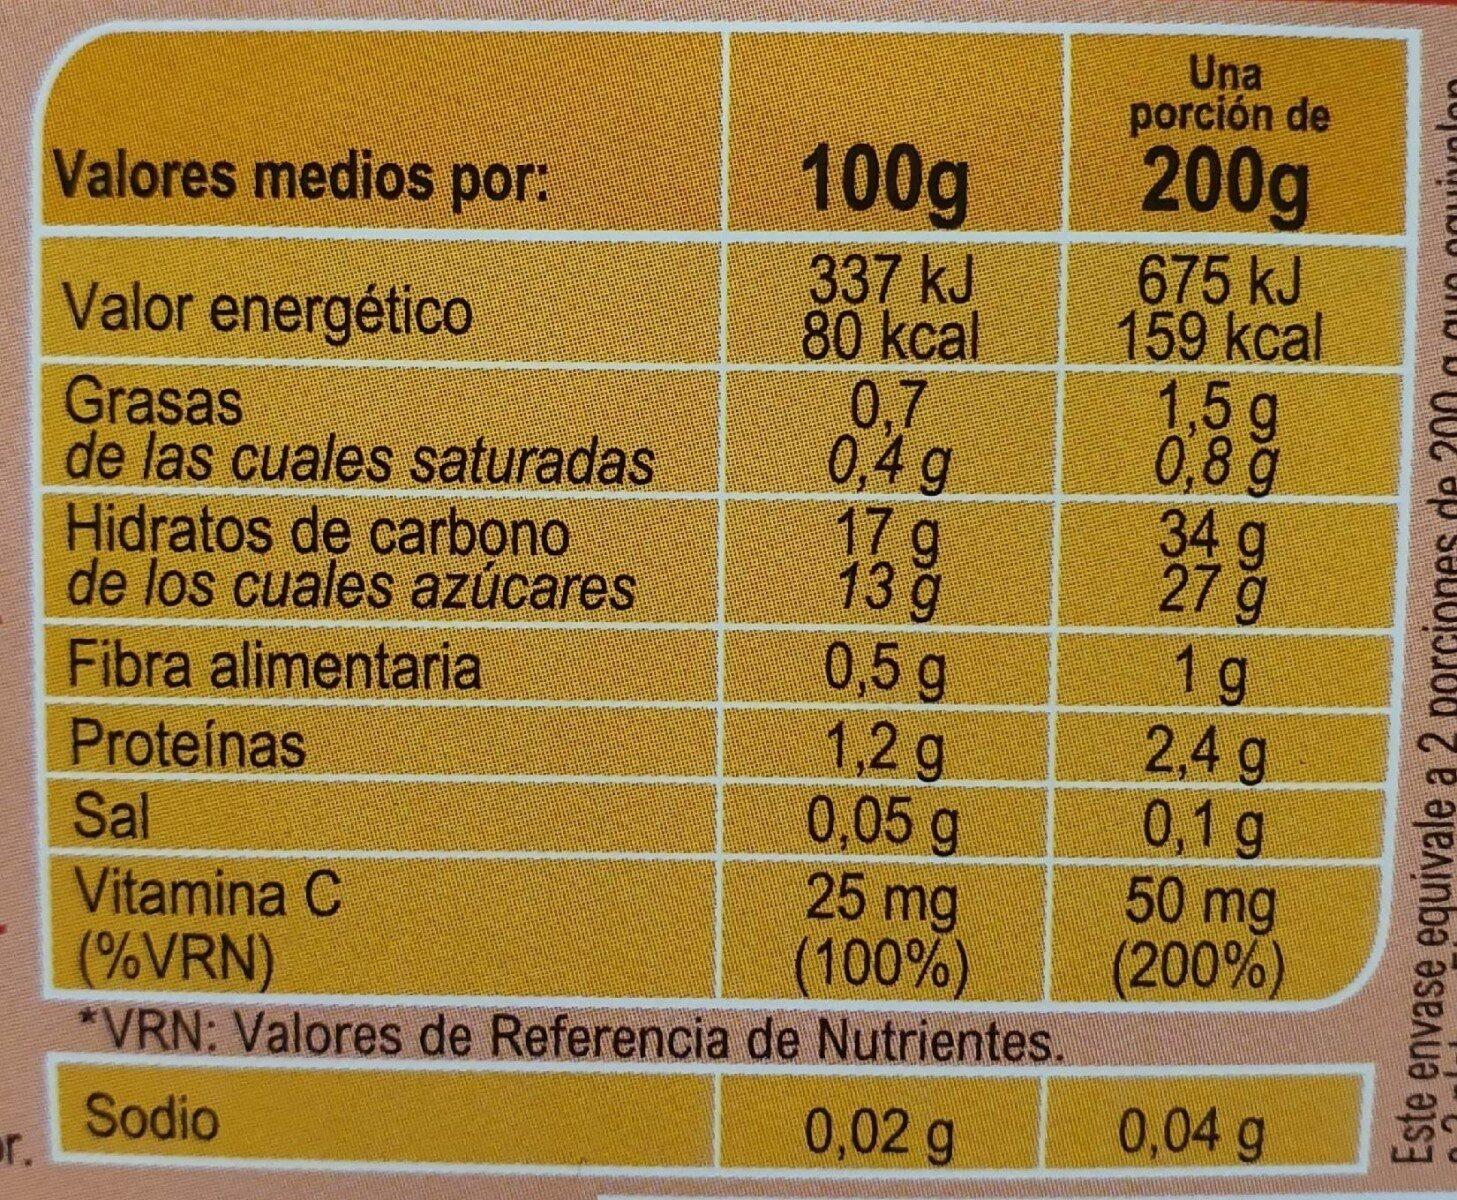 Tarrito plátano con yogurt - Información nutricional - es